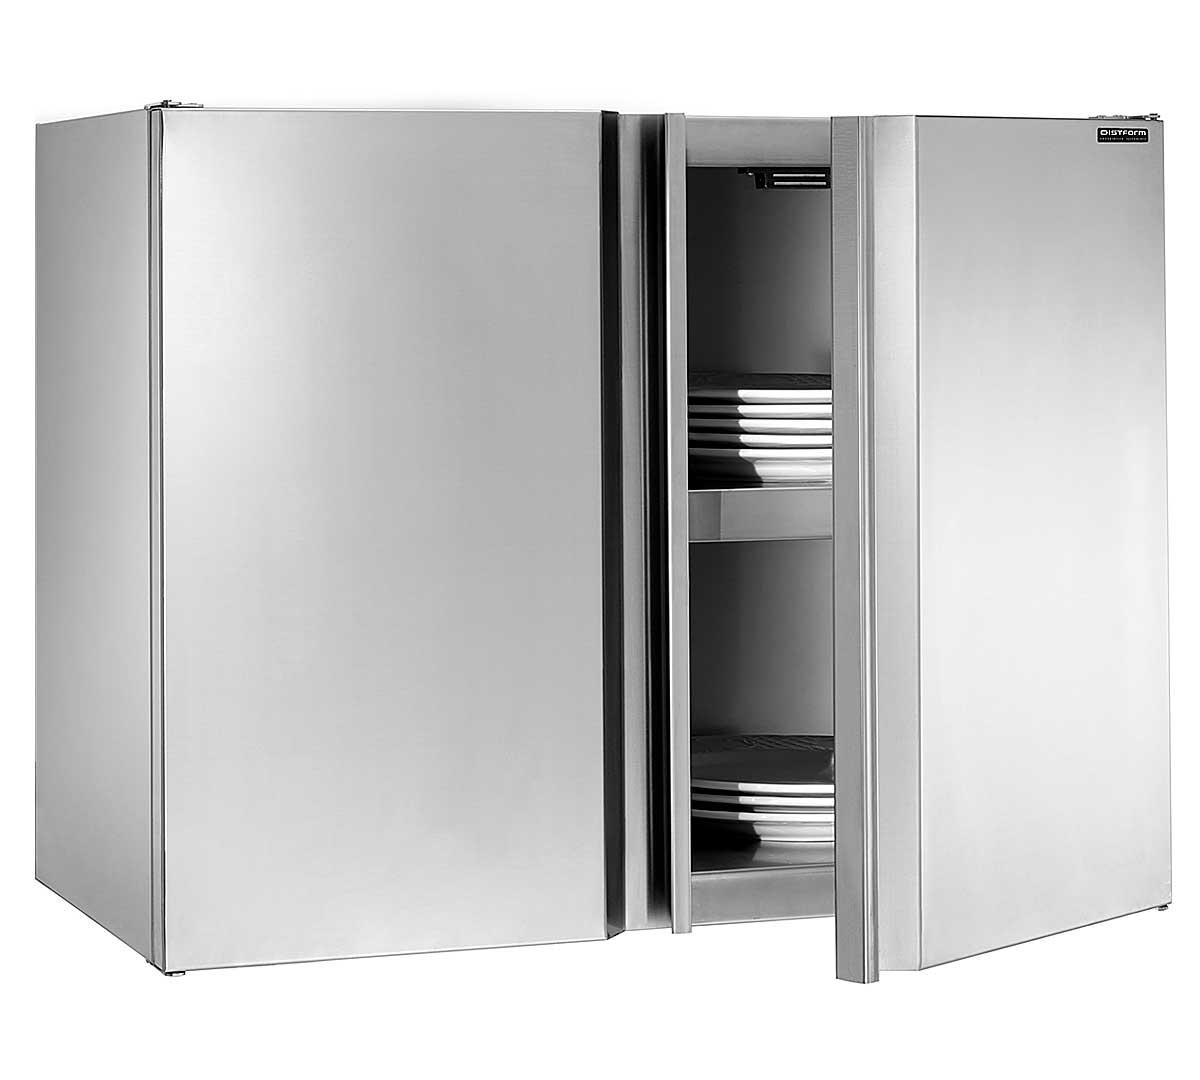 Armario de pared distform puerta abatible f02 - Puerta abatible cocina ...